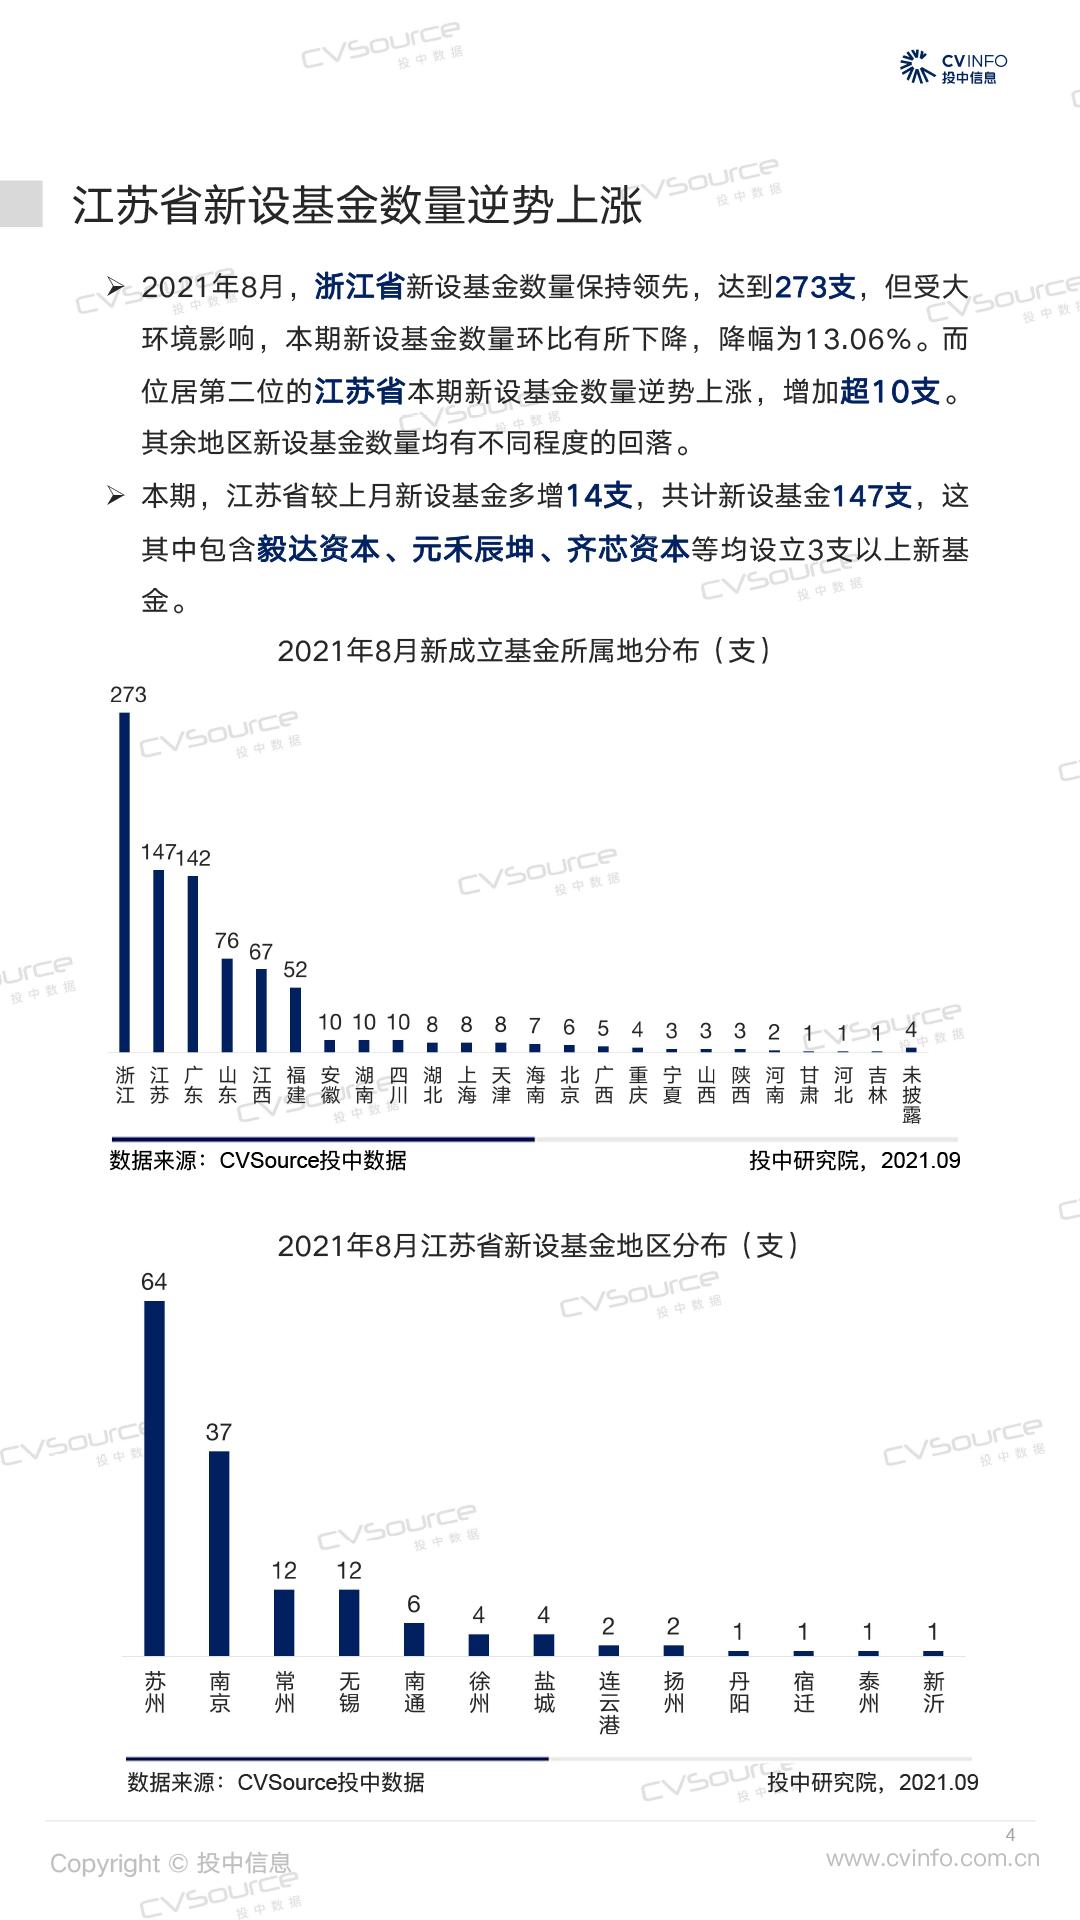 2021年8月中国VC_PE市场数据报告-4.png